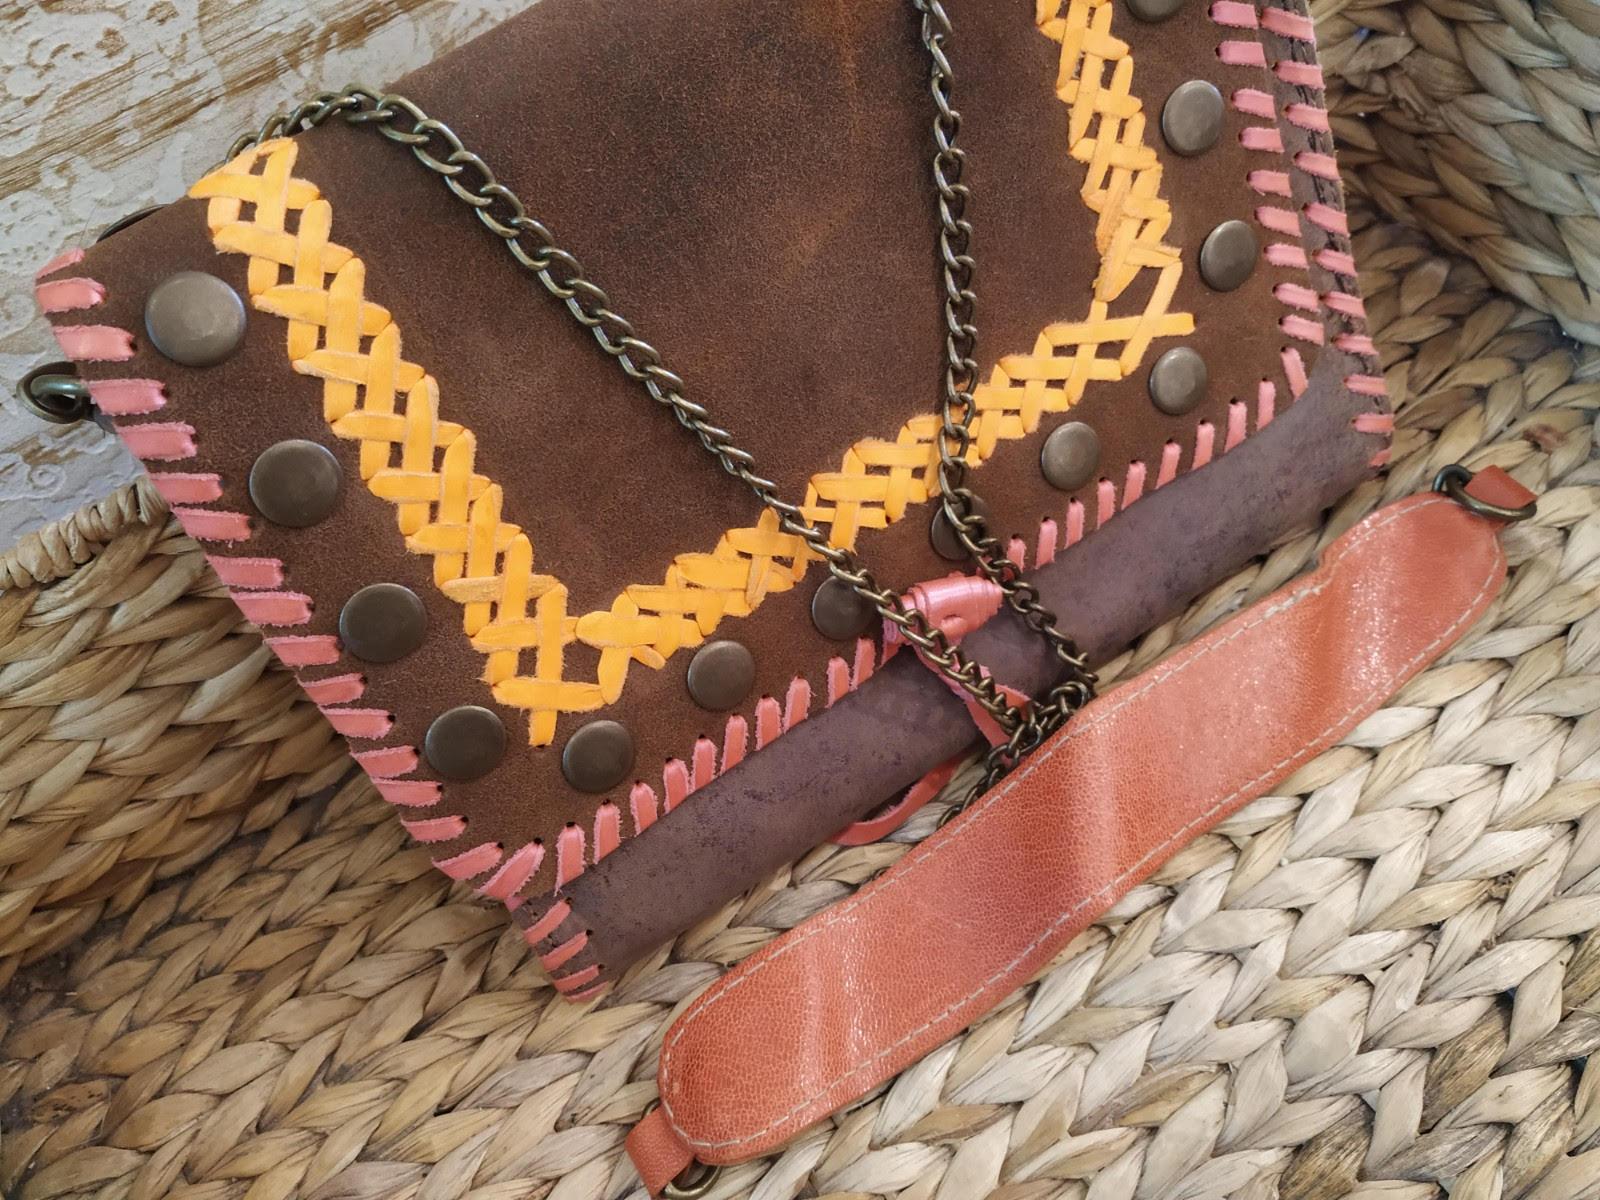 miuma-sobre-tachas-marron-complementos-moda-cambrils(4)